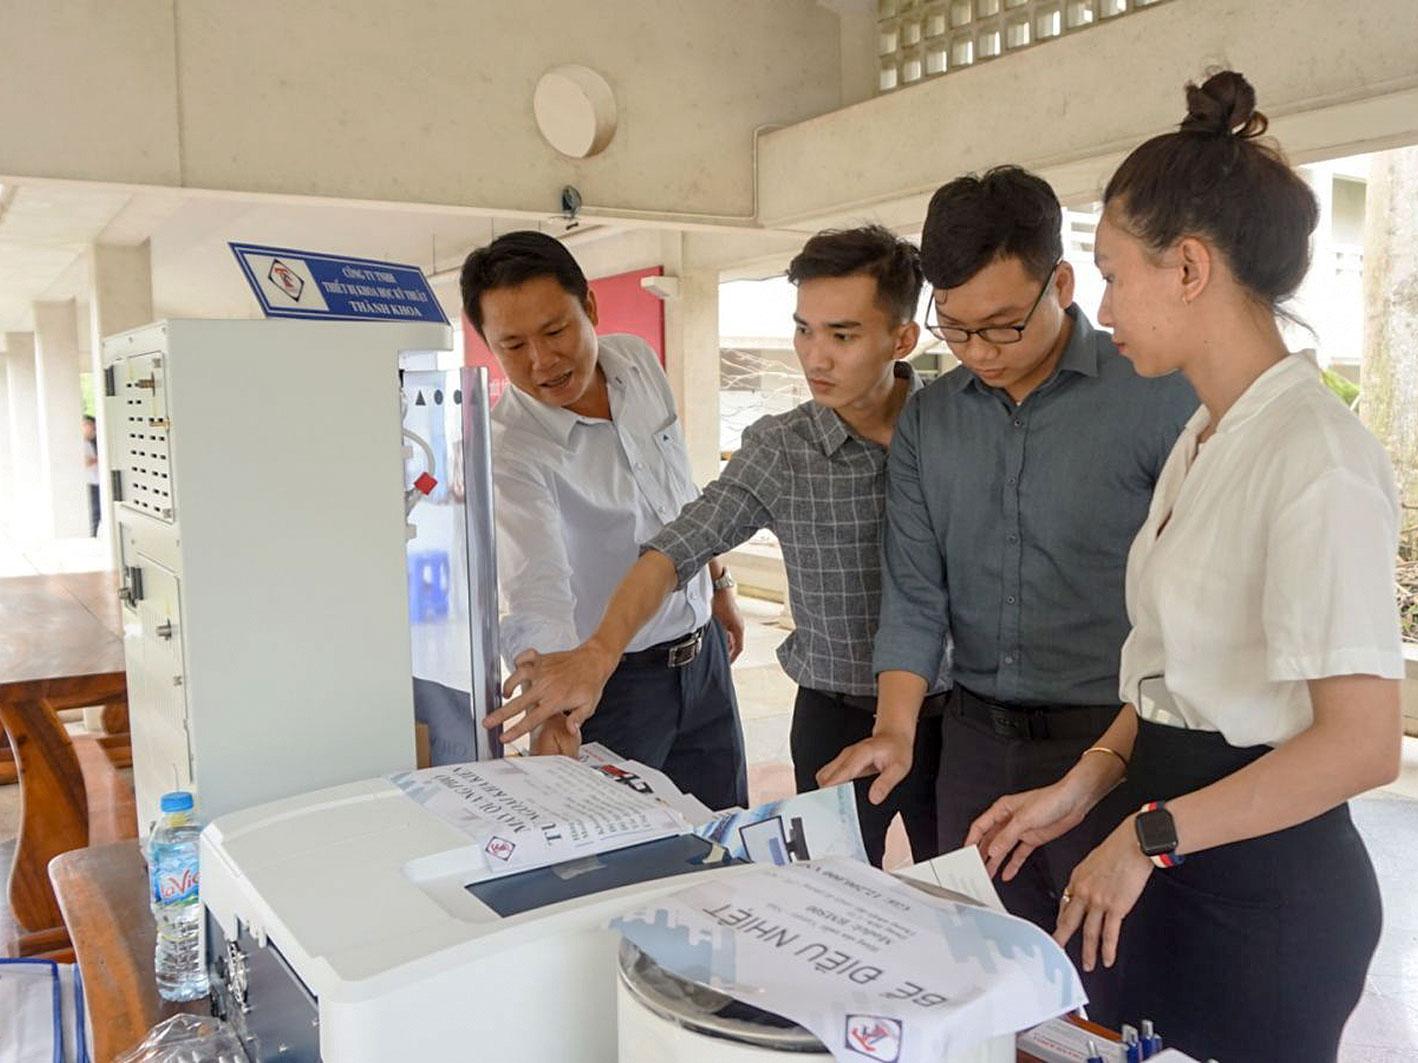 Doanh nghiệp Việt trưng bày, giới thiệu về các sản phẩm, công nghệ ứng dụng trong chăn nuôi và bảo vệ môi trường tại Hội nghị.